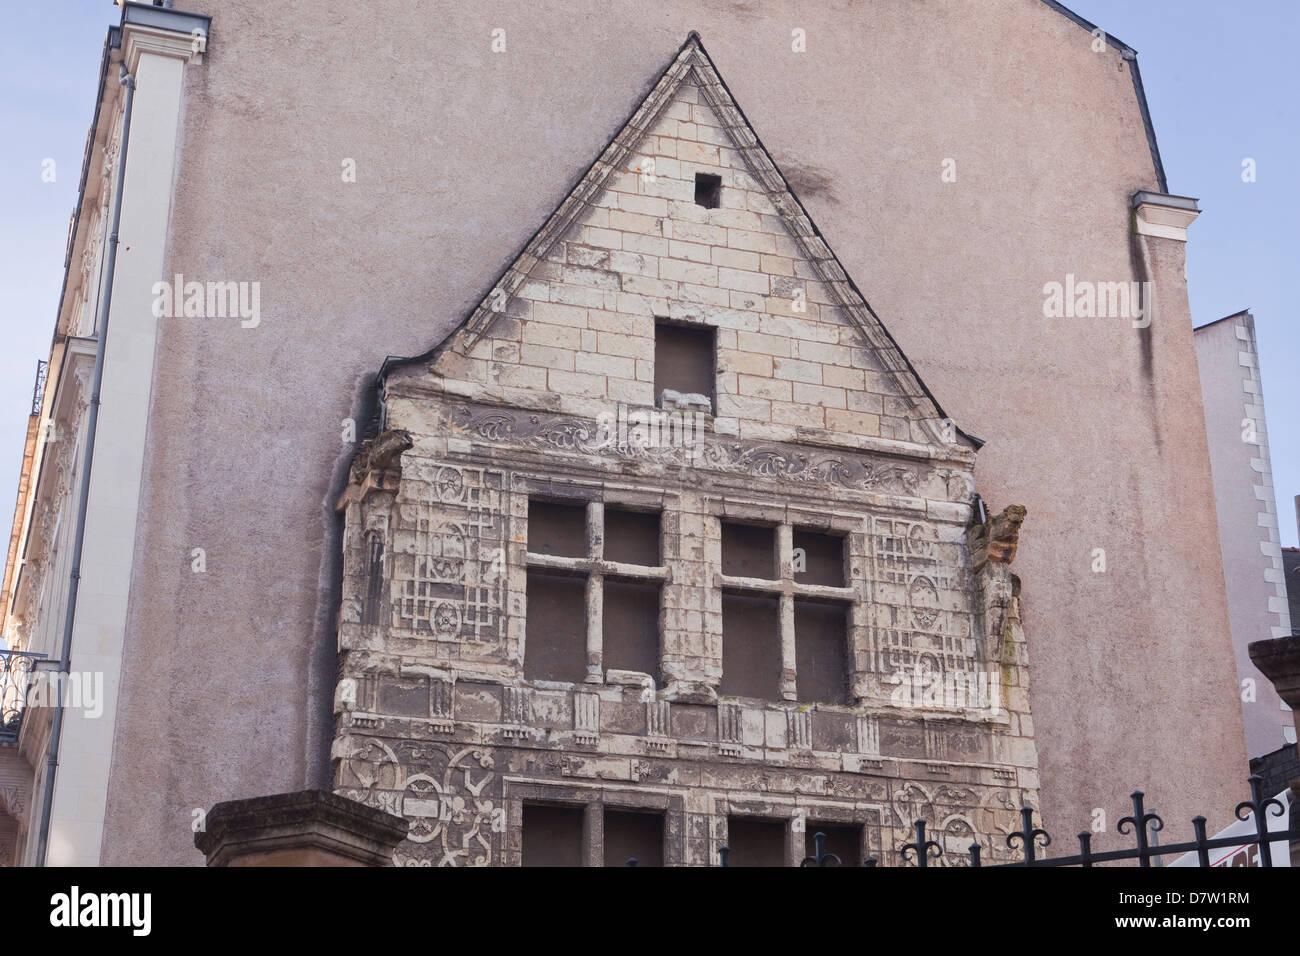 Une partie de l'Hôtel Logis Pince à Angers, Maine-et-Loire, France Photo Stock